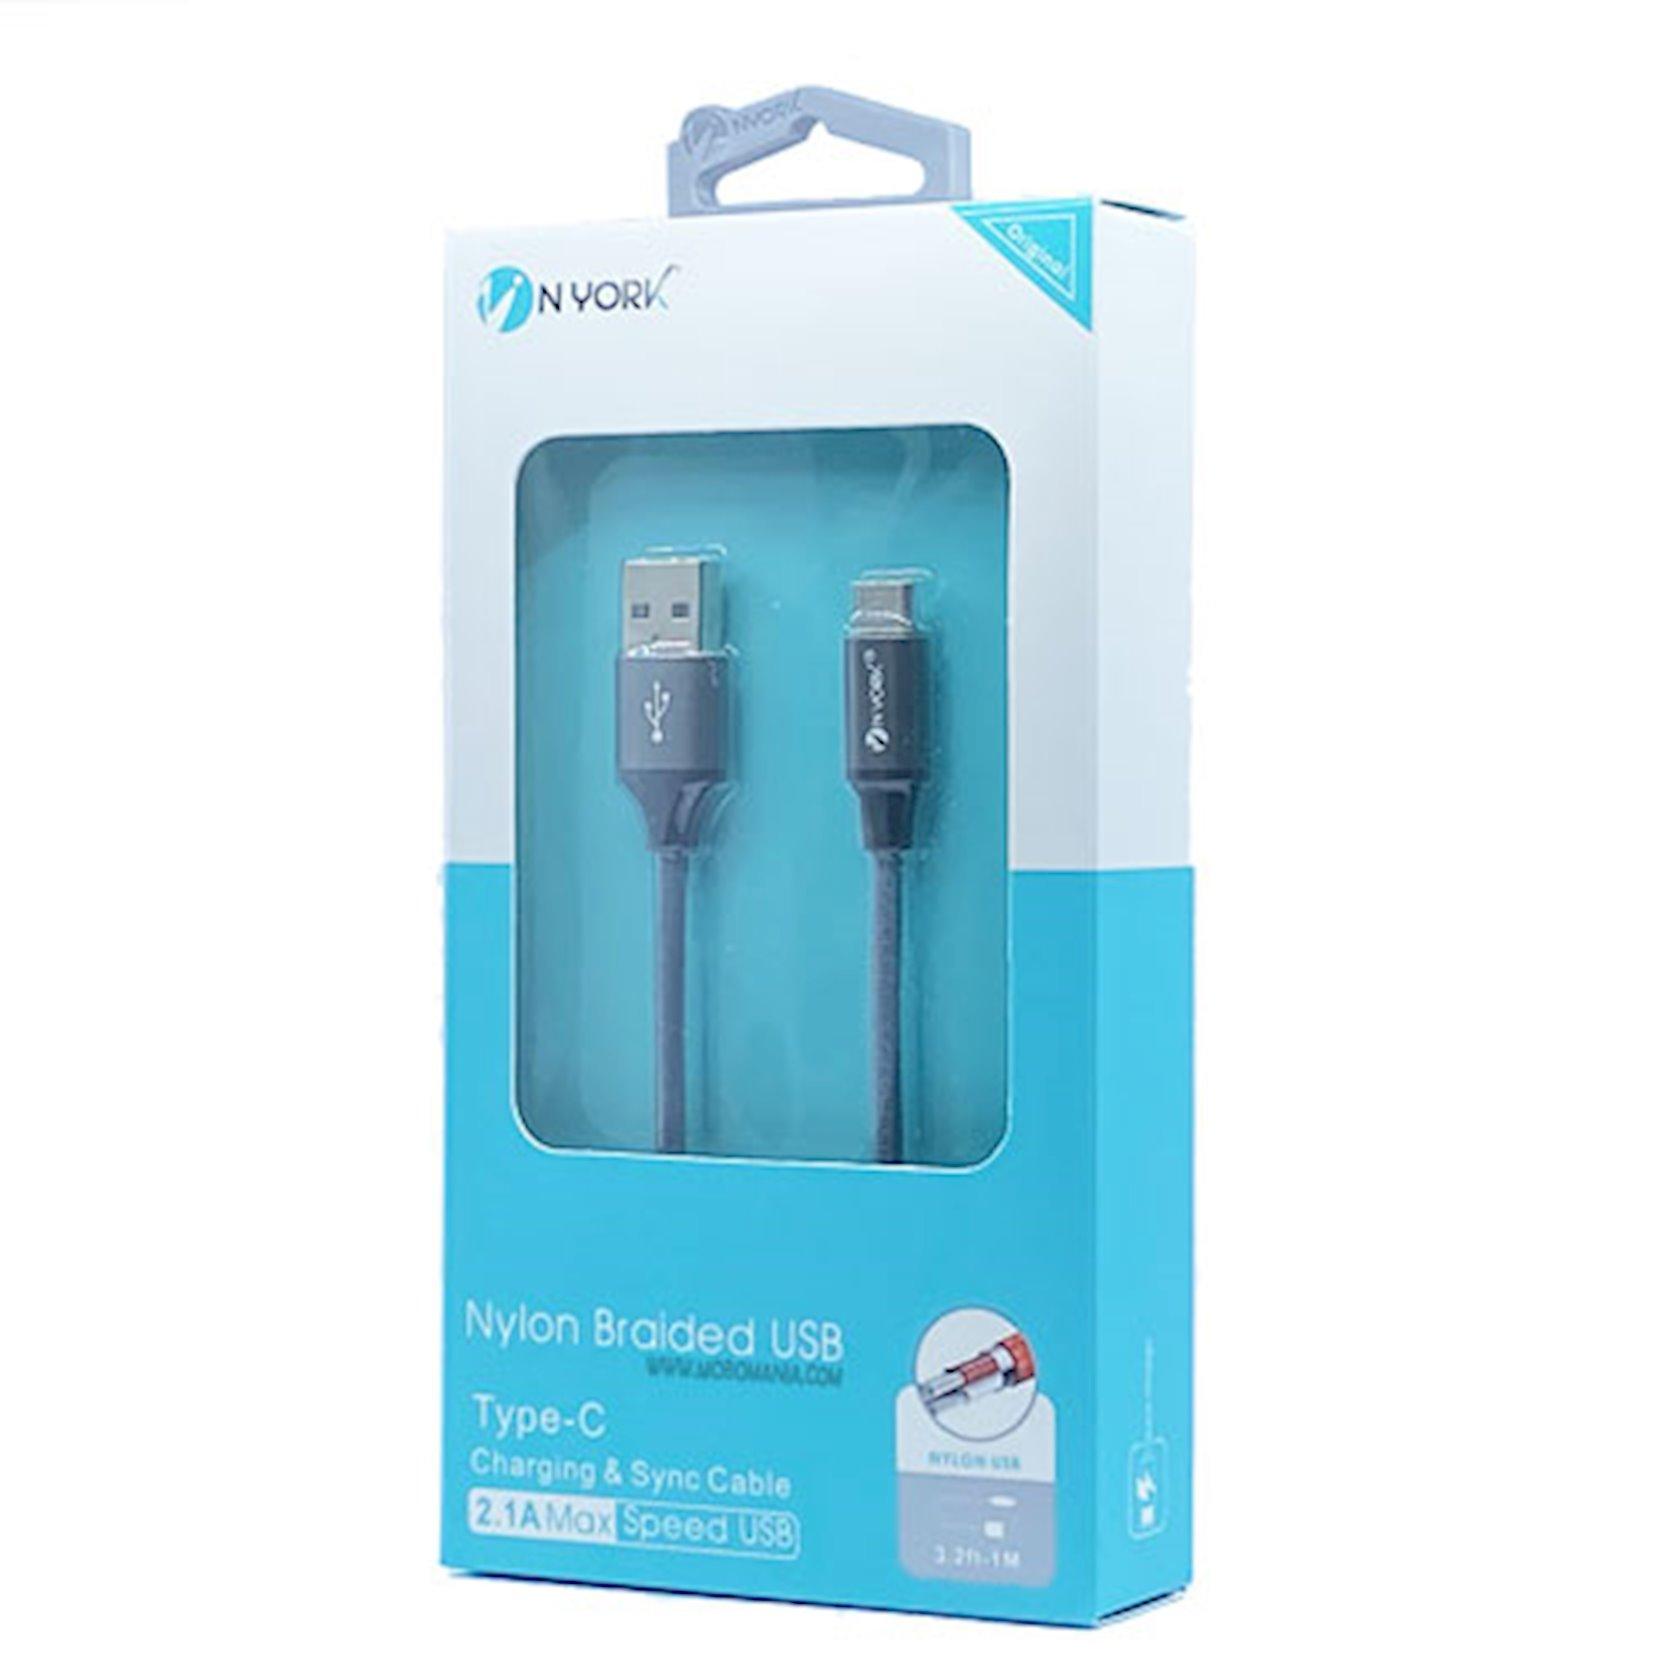 Kabel Nyork Nylon Braided USB Cable Type-C